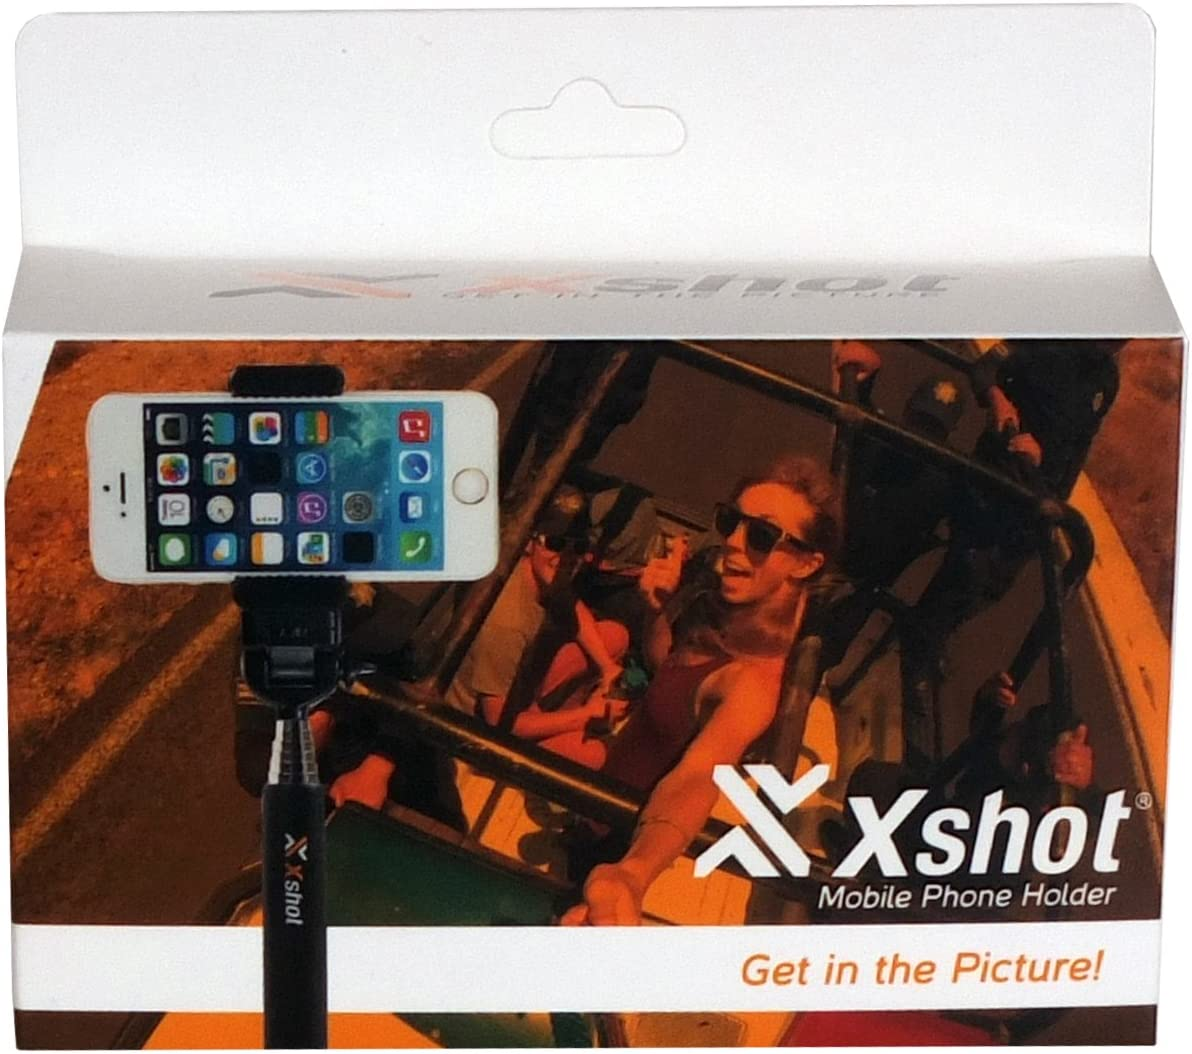 XShot XShot Mobile Phone Holder Retail Packaging Mount black